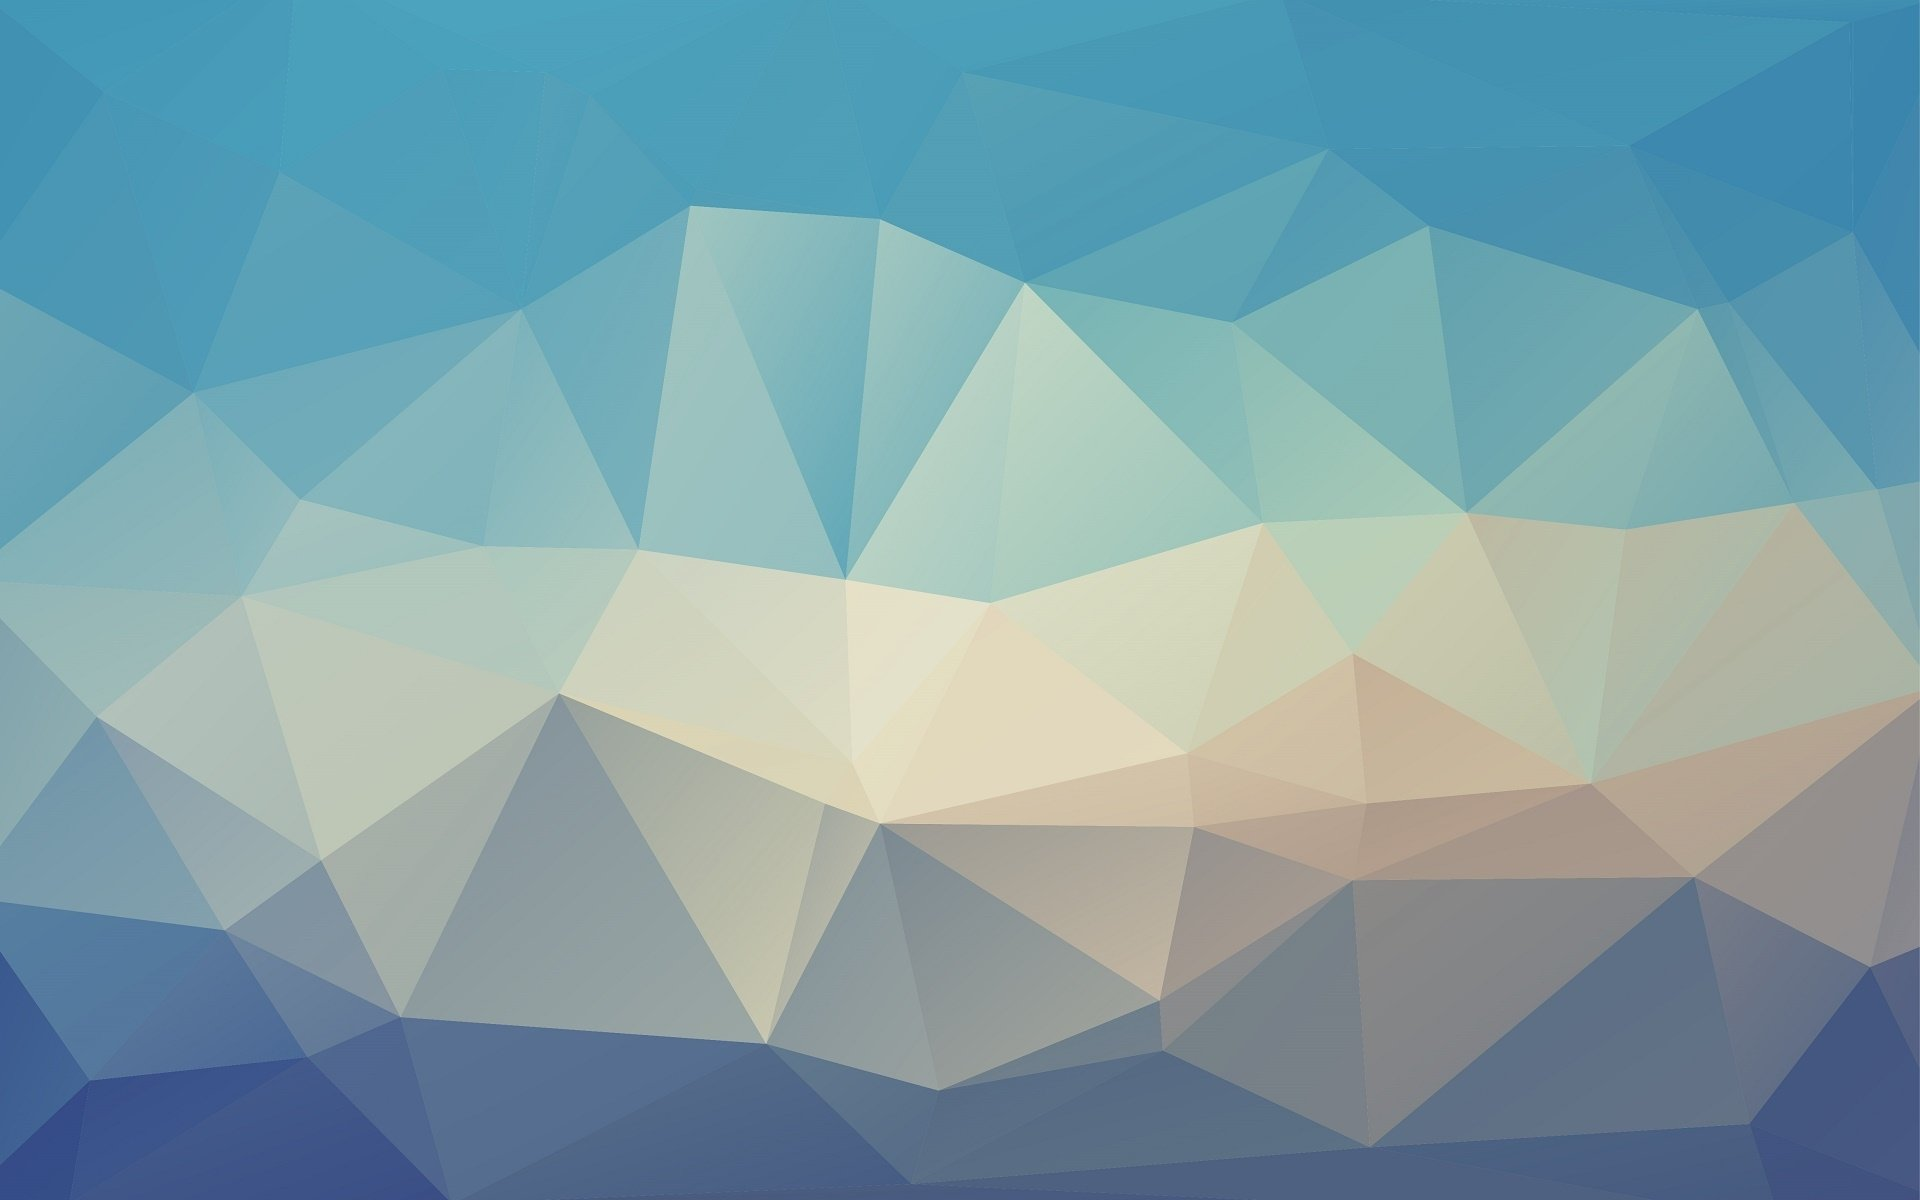 Iphone 5 Hd Wallpaper Abstract 几何 高清壁纸 桌面背景 1920x1200 Id 717780 Wallpaper Abyss